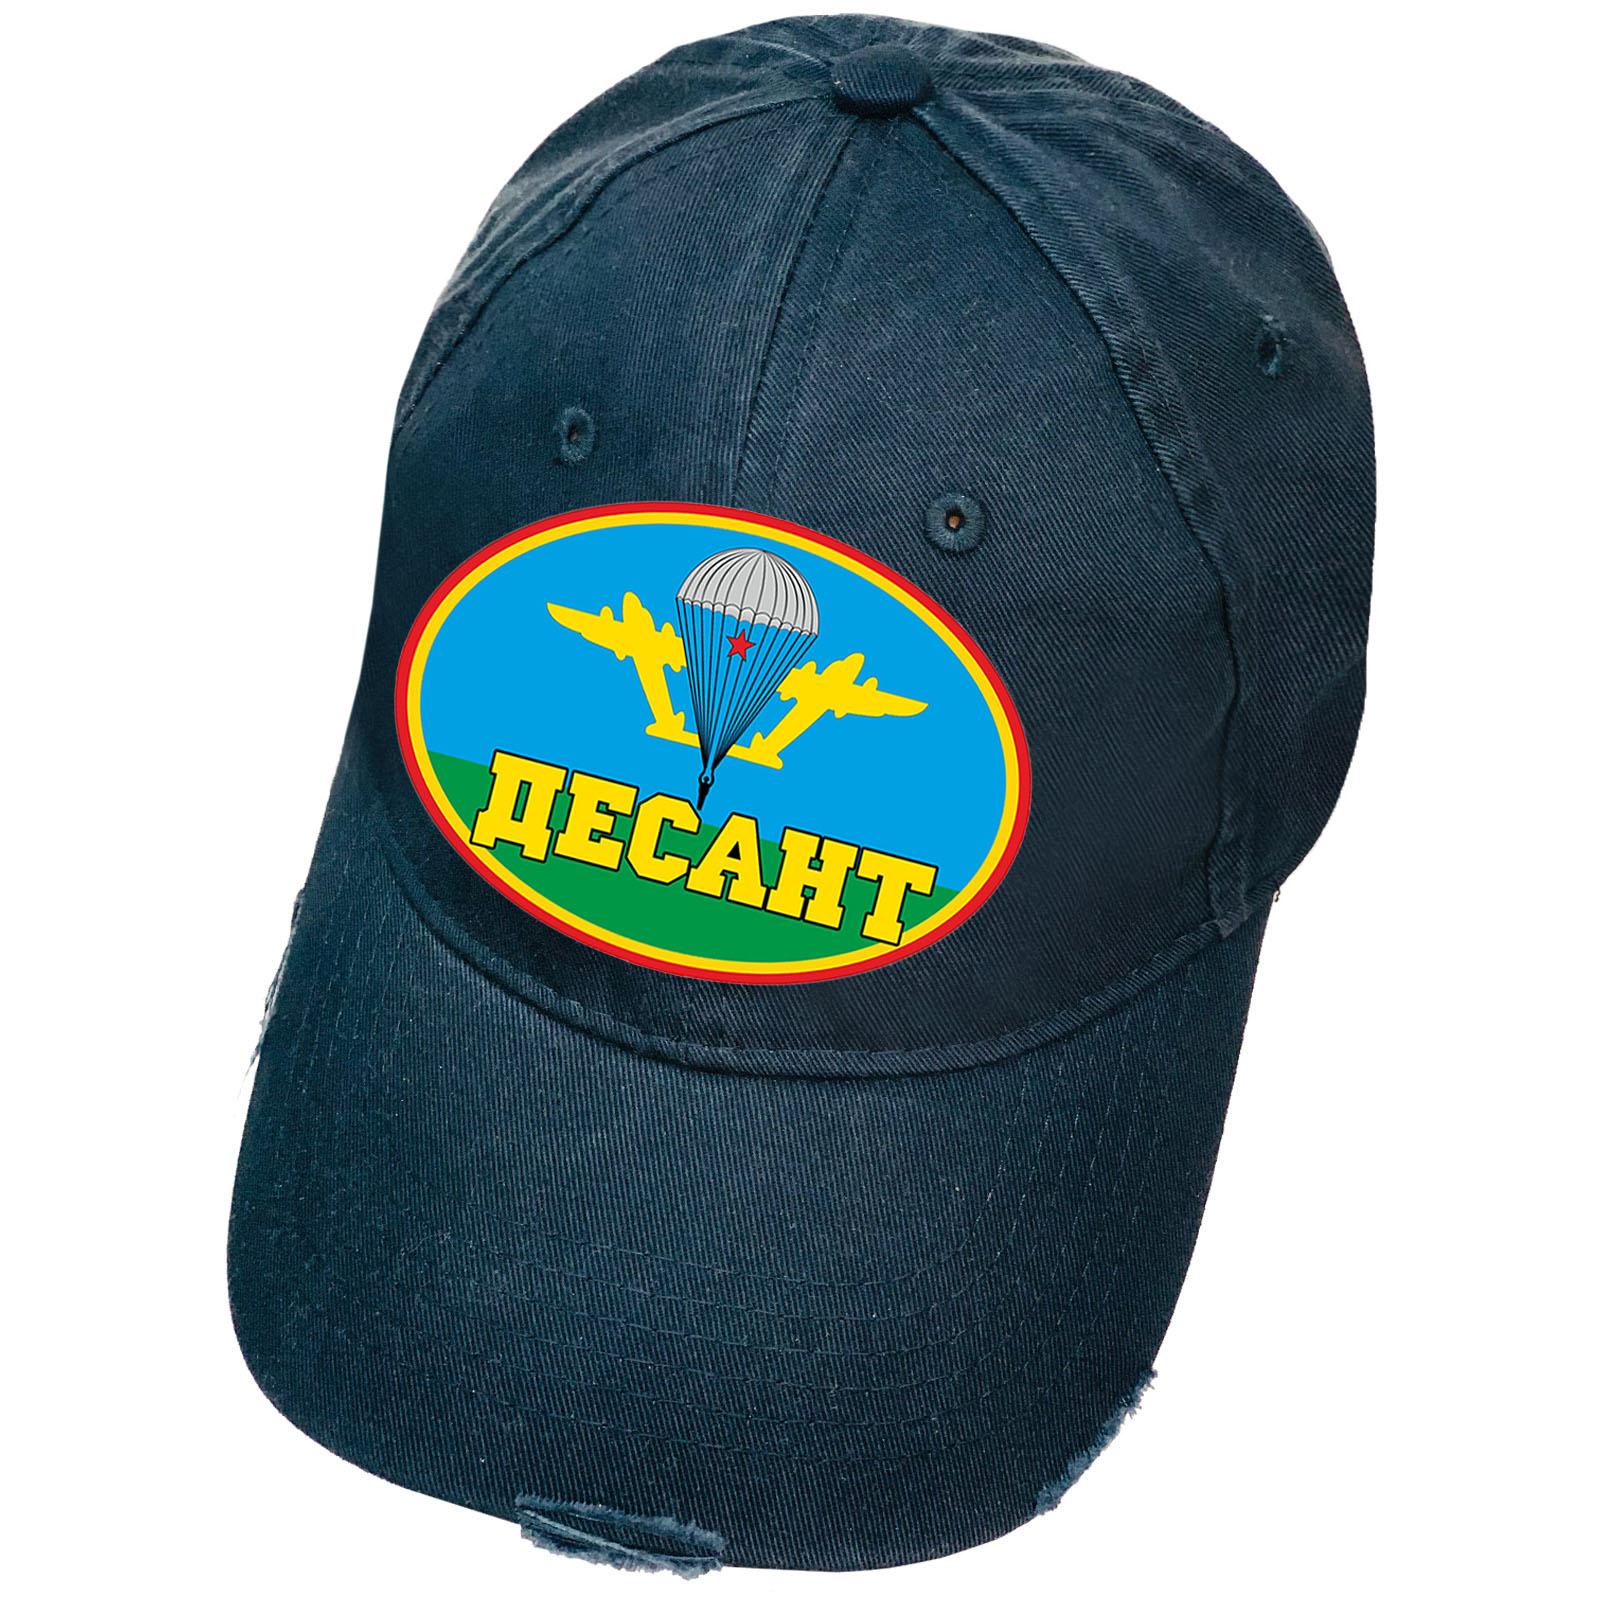 Тёмно-синяя кепка с термоаппликацией Десант и рваным козырьком